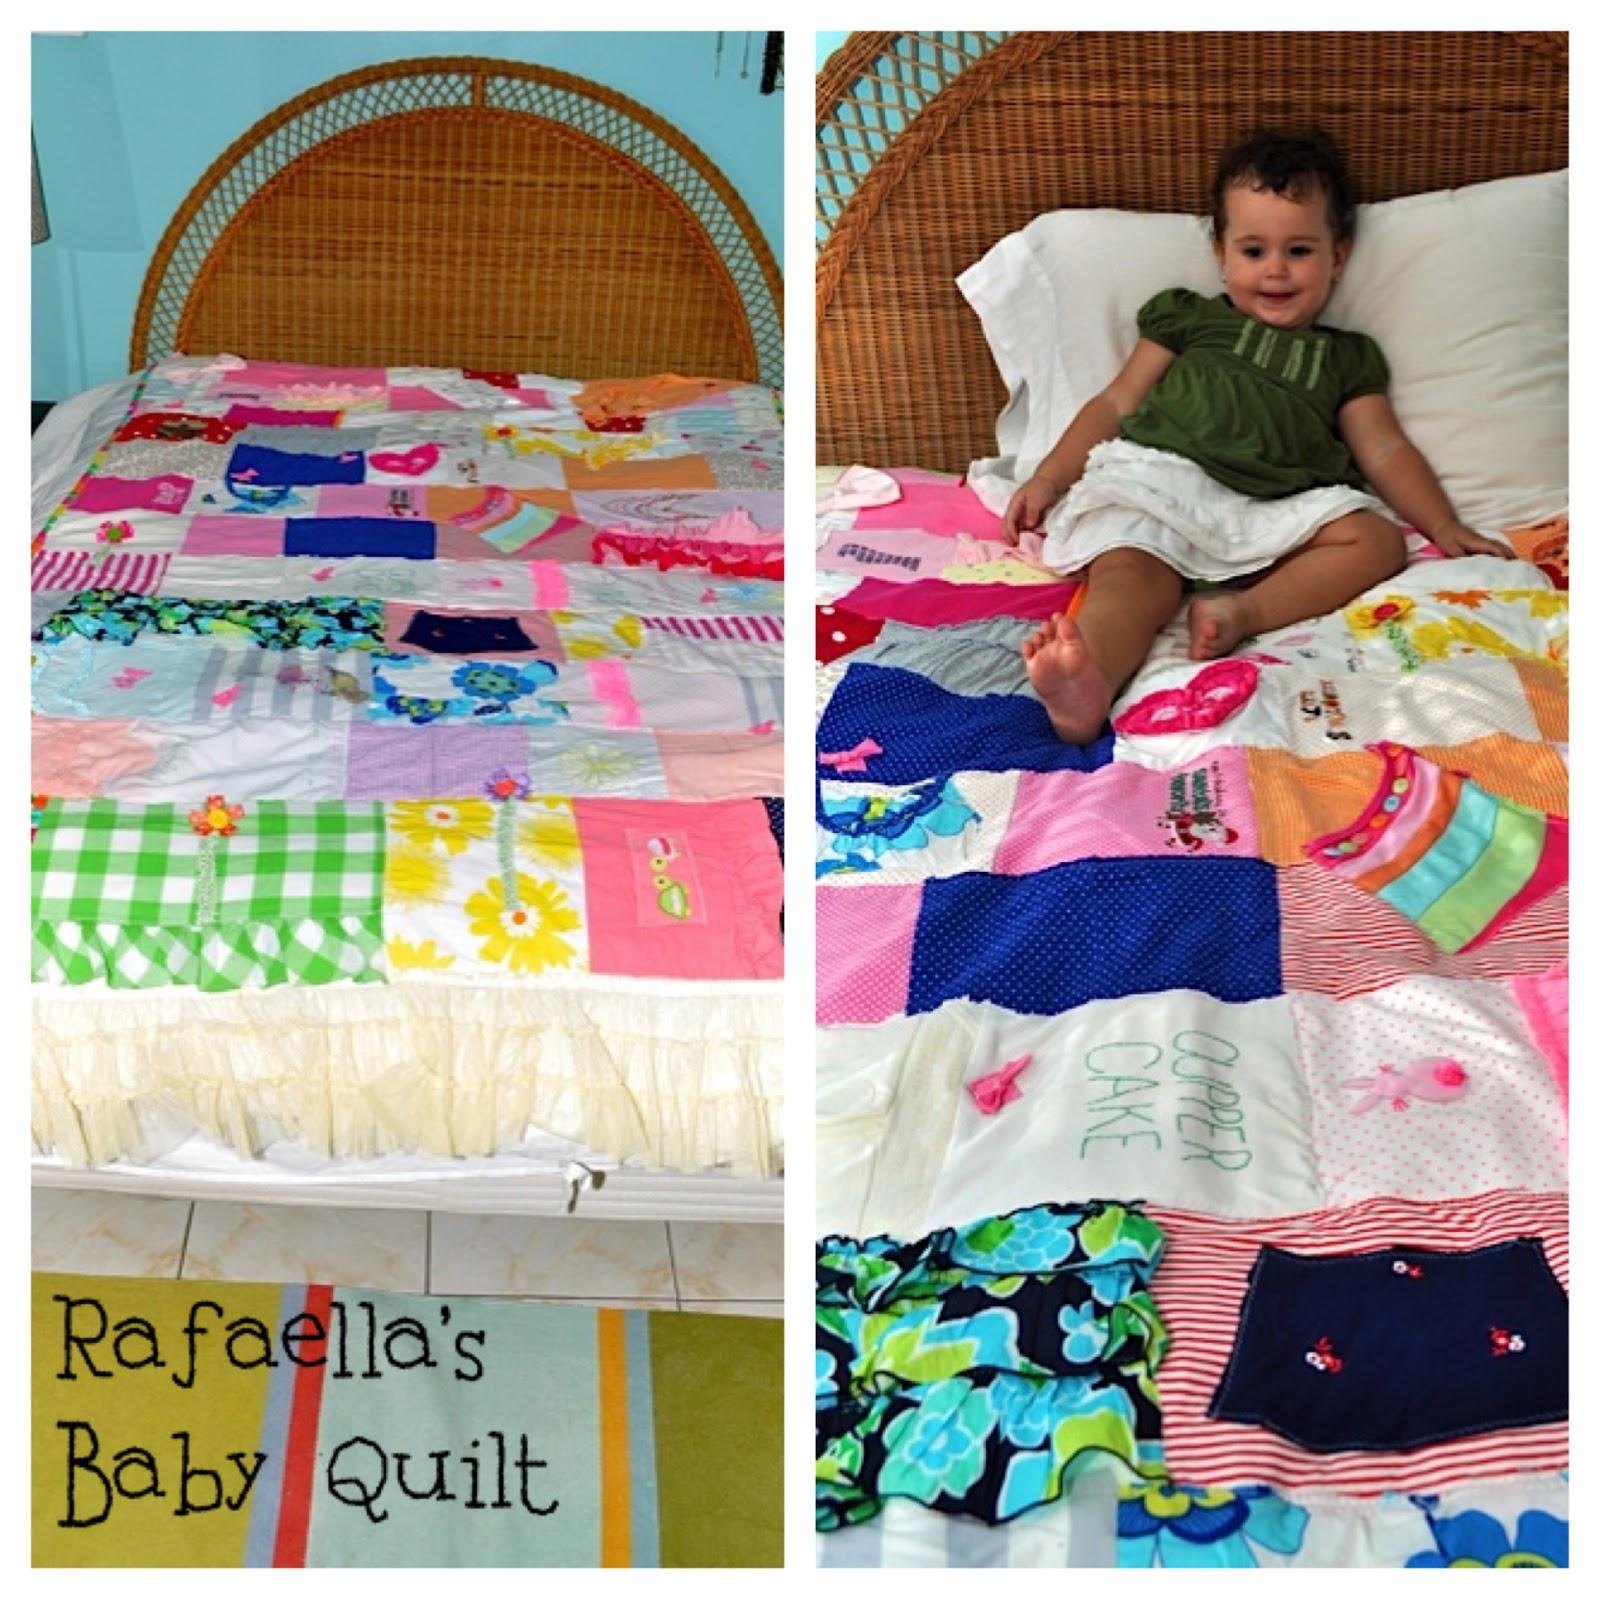 Rafa's Baby Quilt